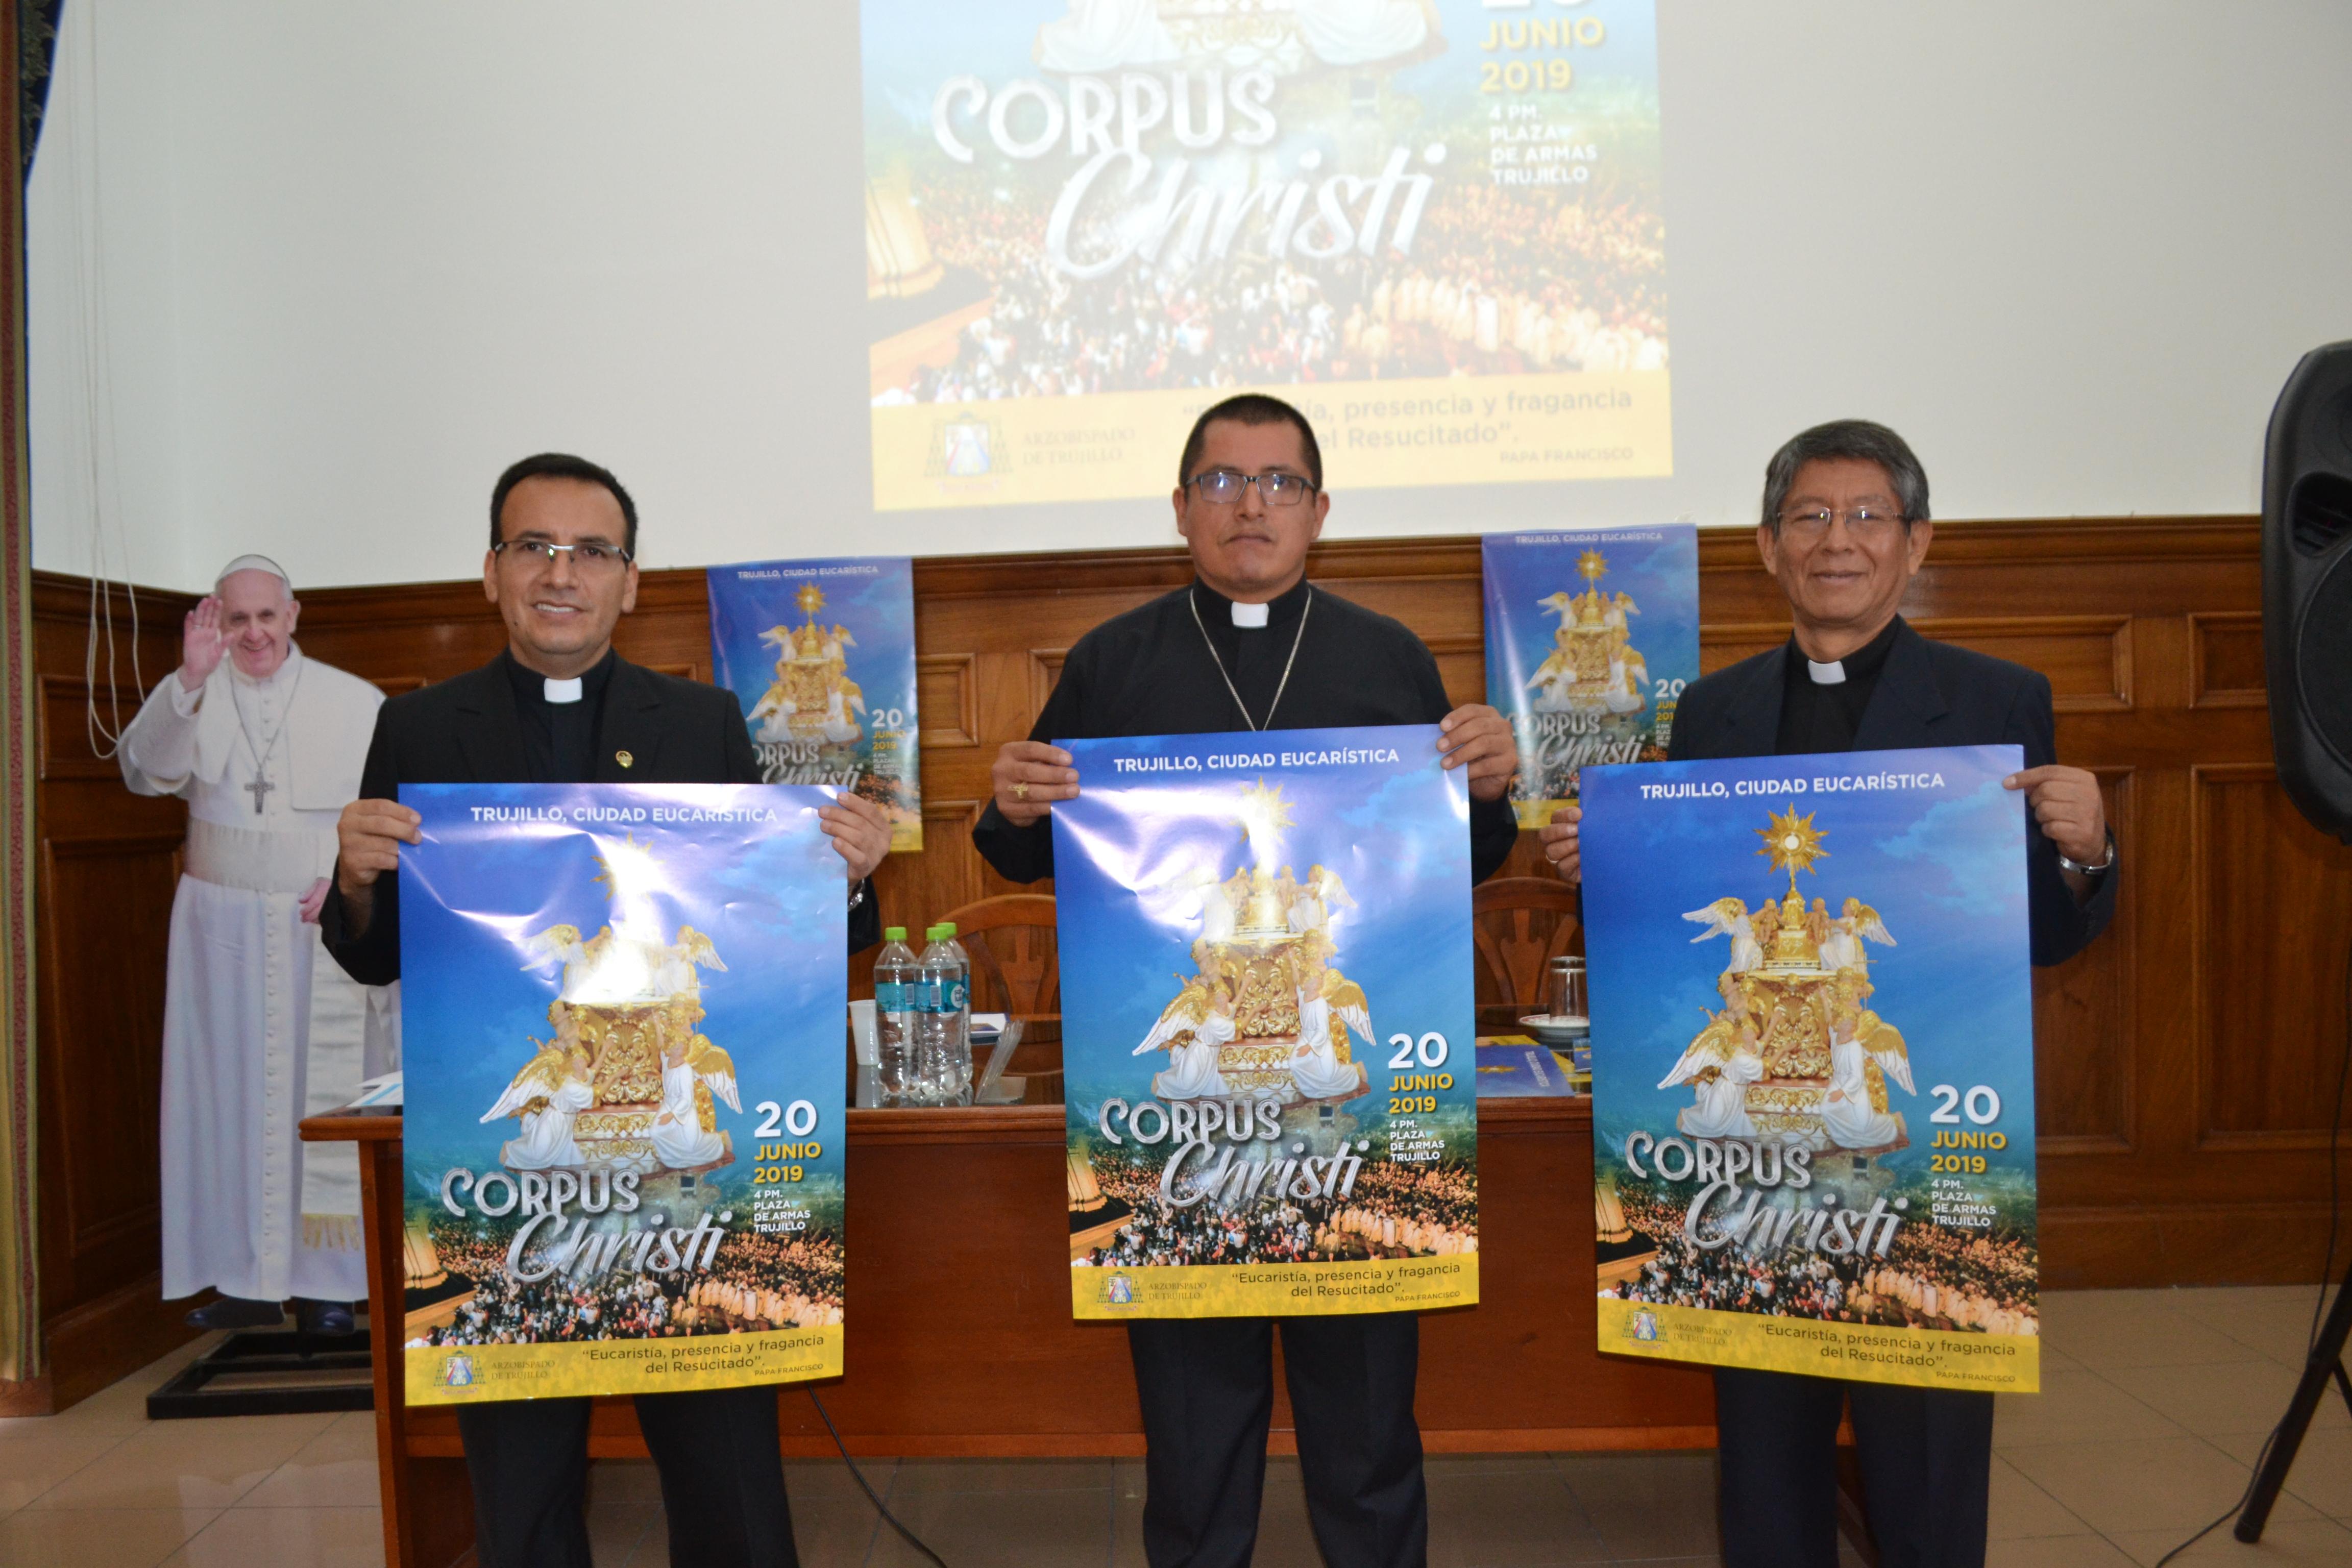 Se anuncia celebración del Corpus Christi Arquidiocesano y Semana Eucarística 2019